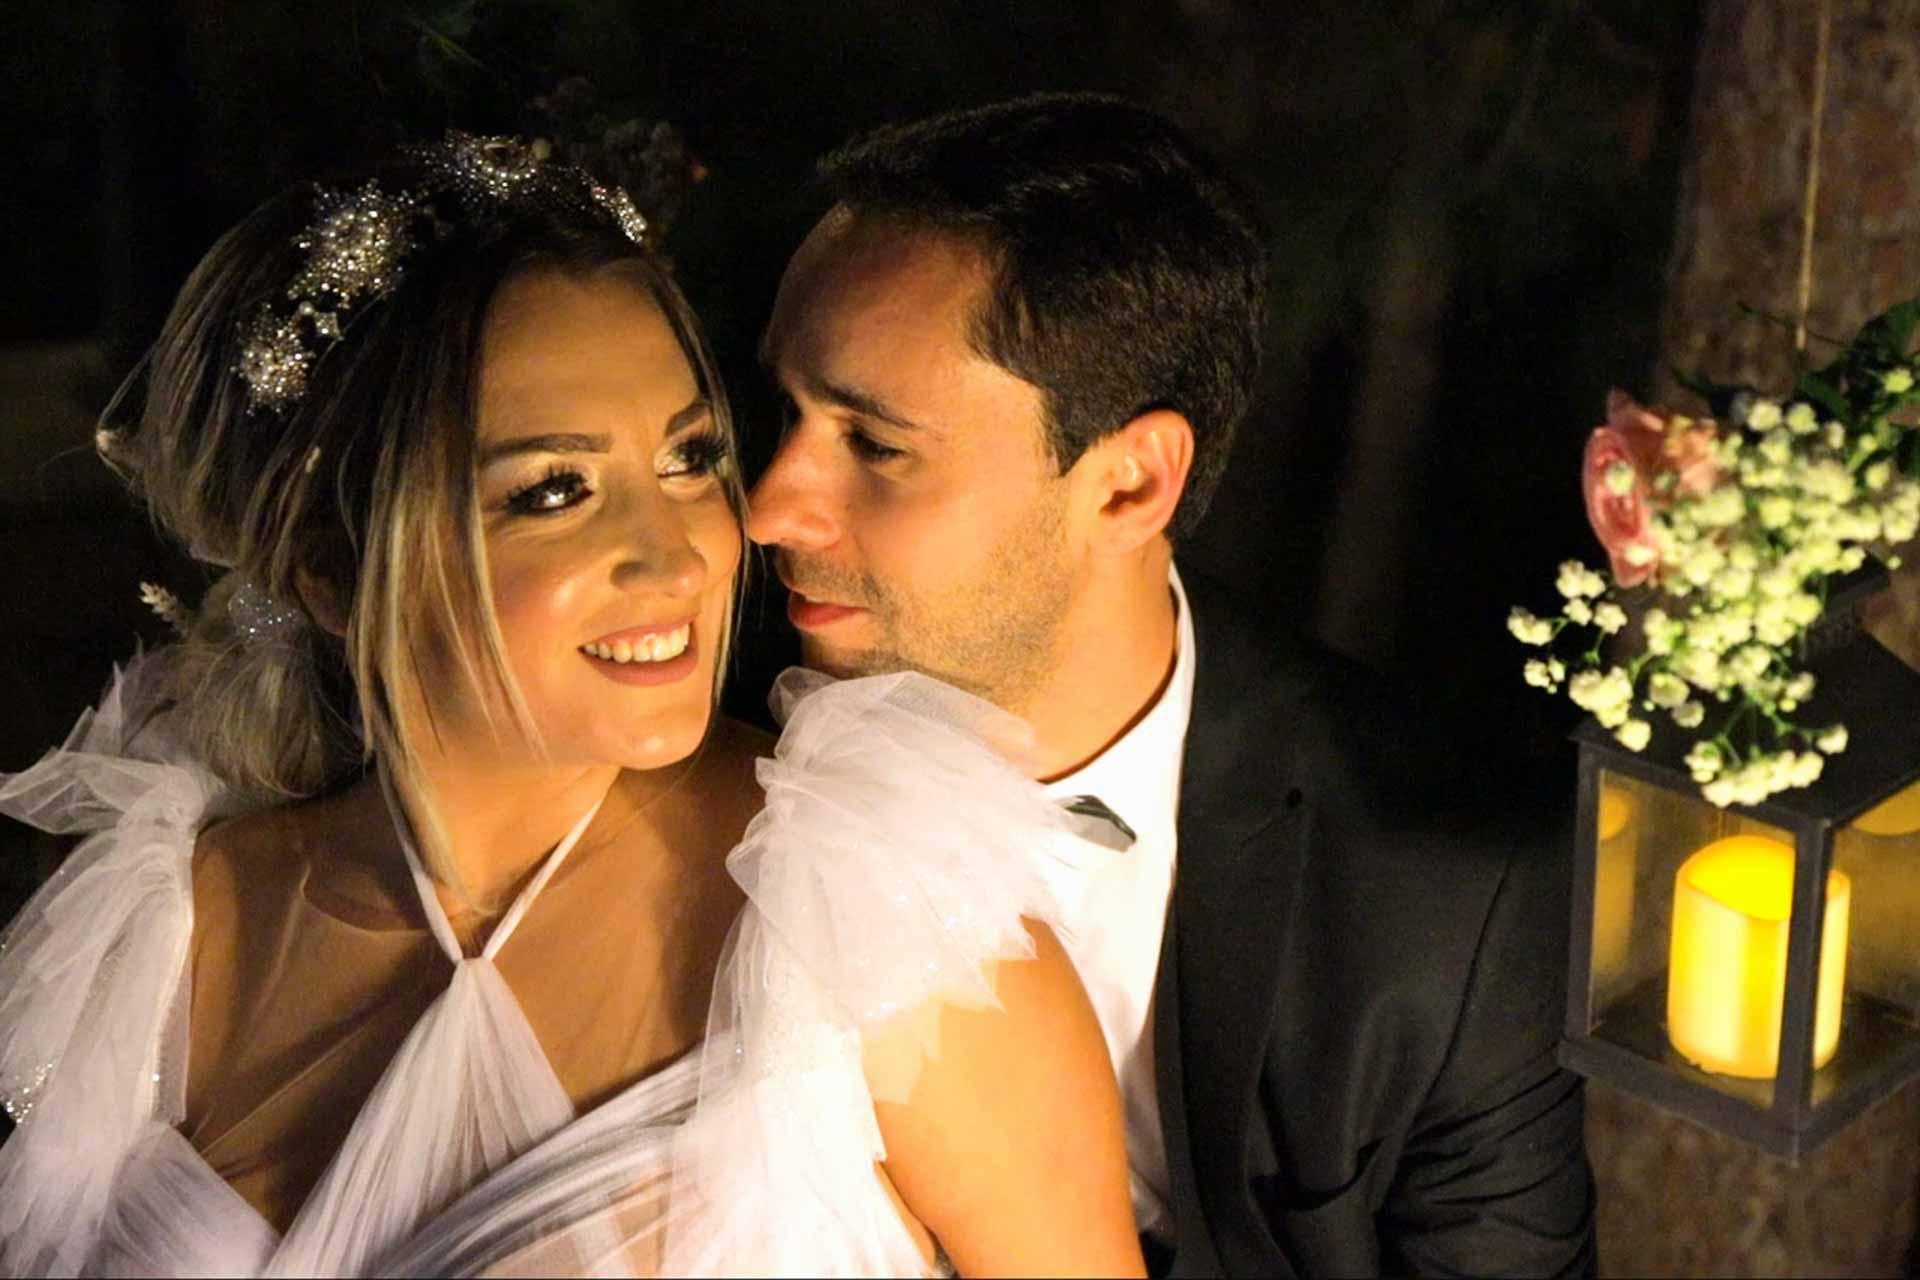 Λεωνίδας & Νίκη, Βιντεοσκόπηση Γάμου